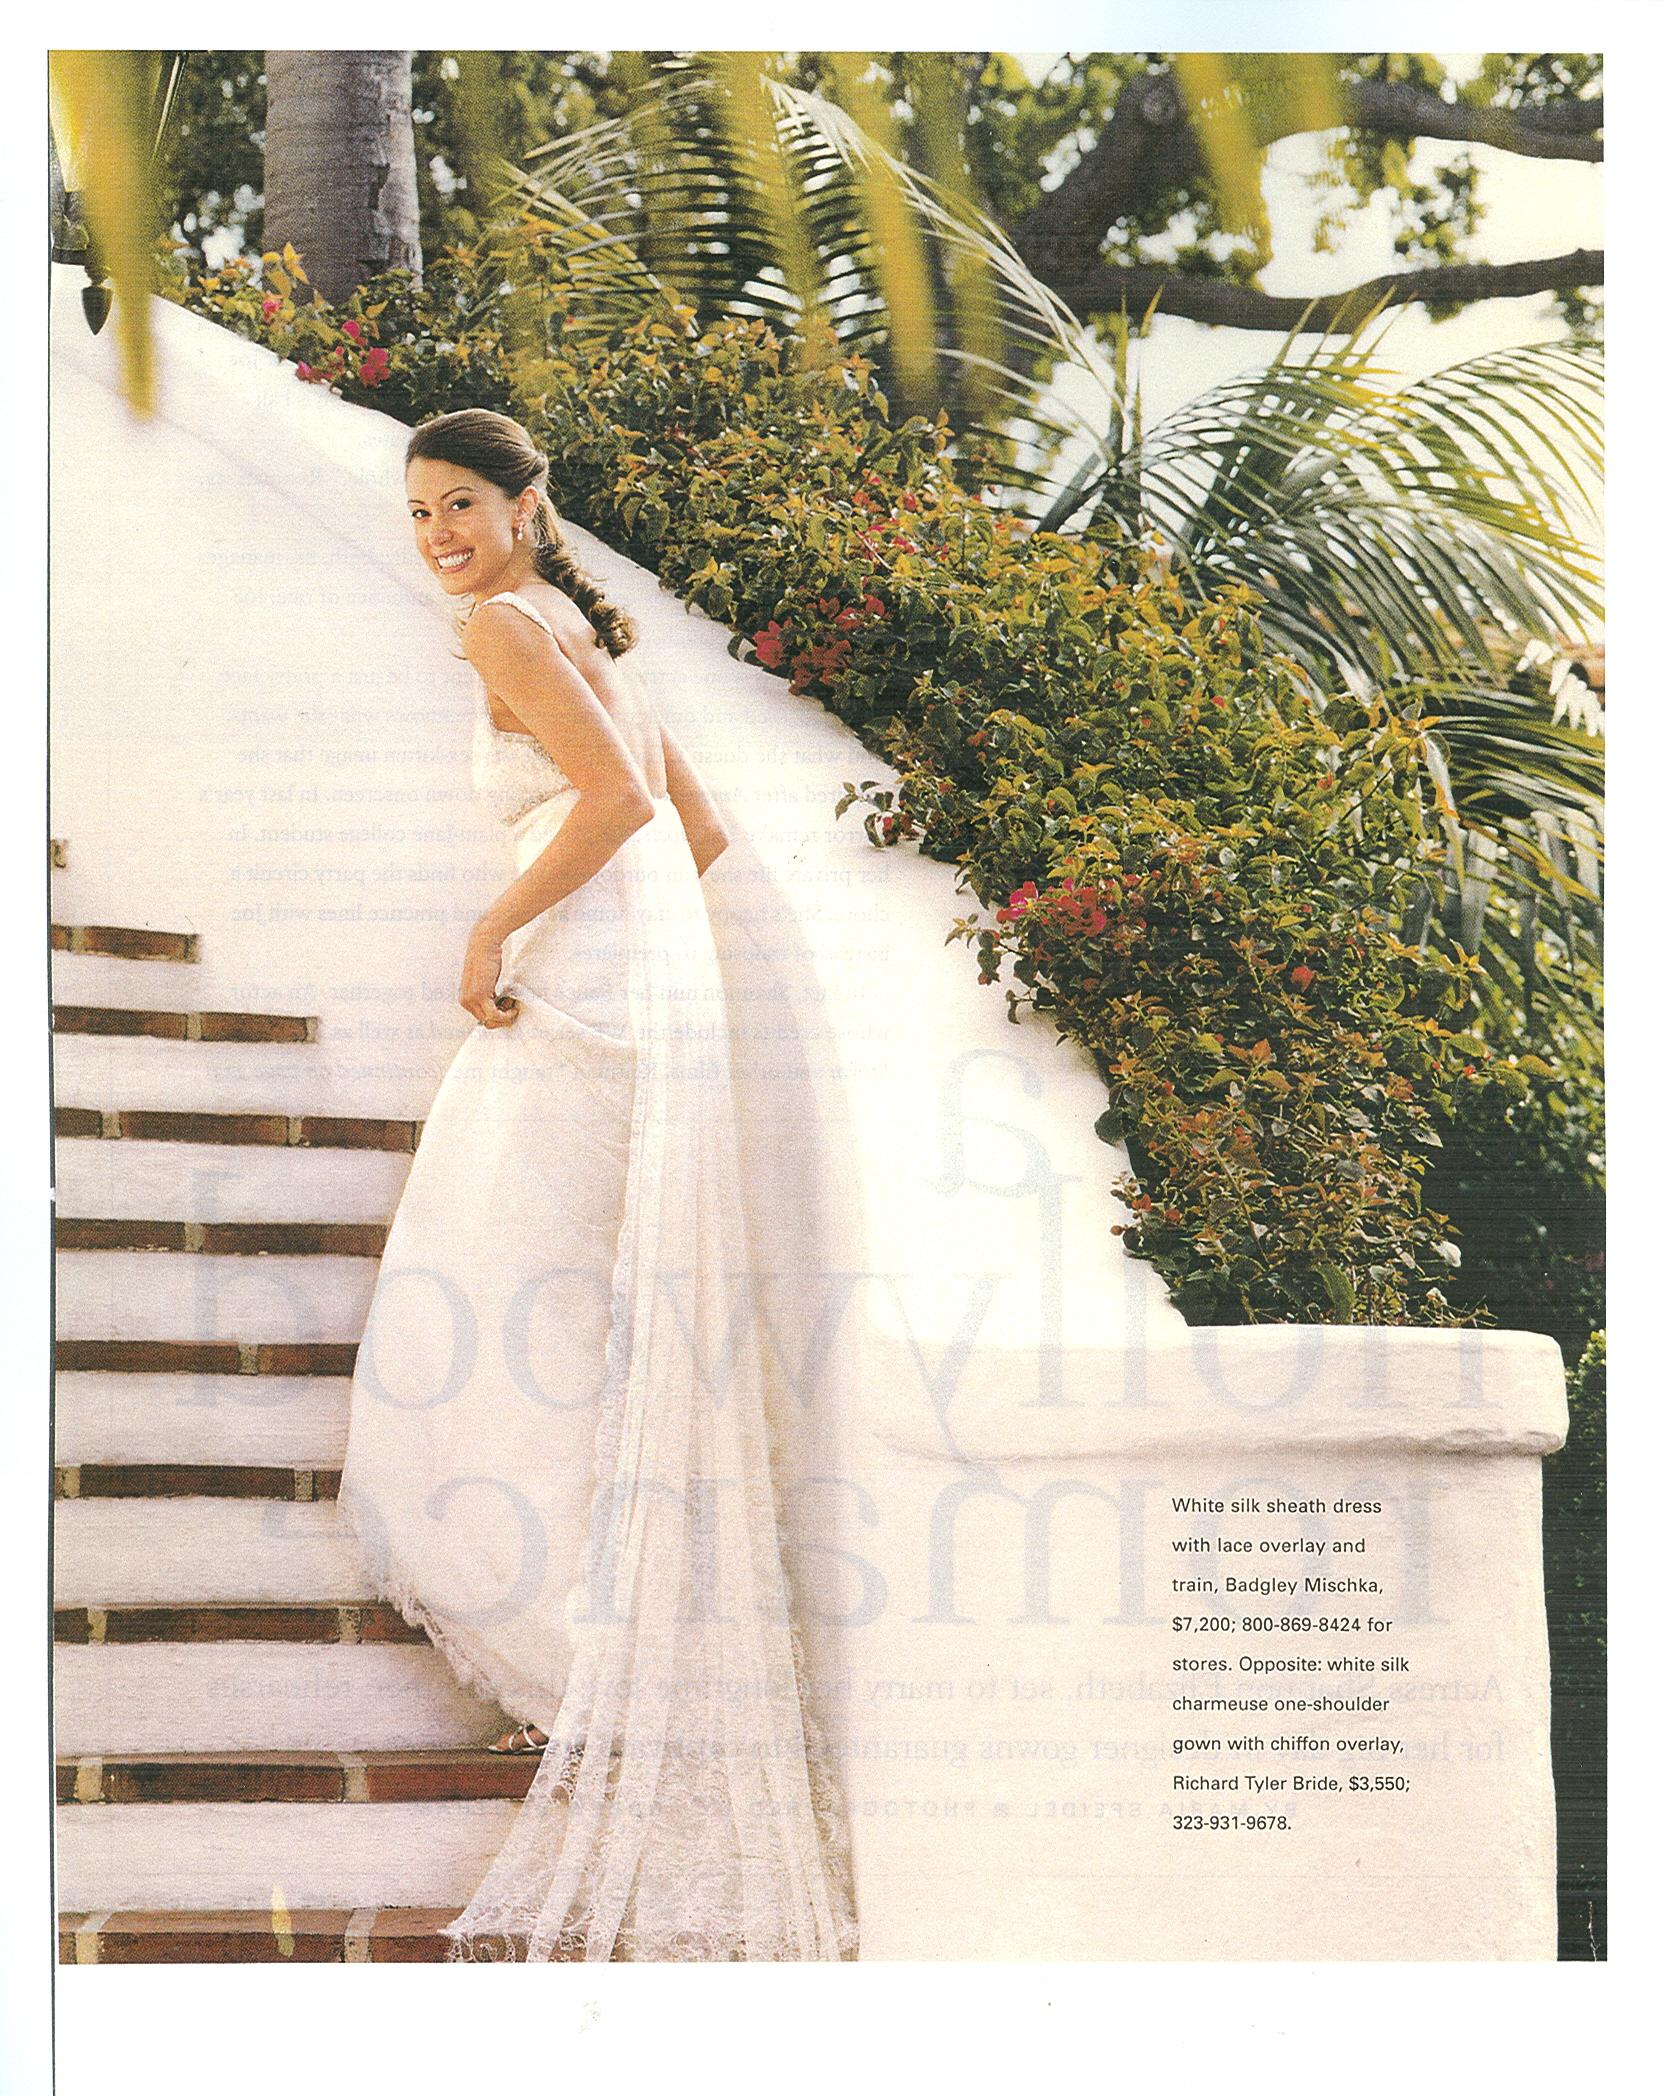 SE_InStyle Weddings_Summer 2002_4.jpg